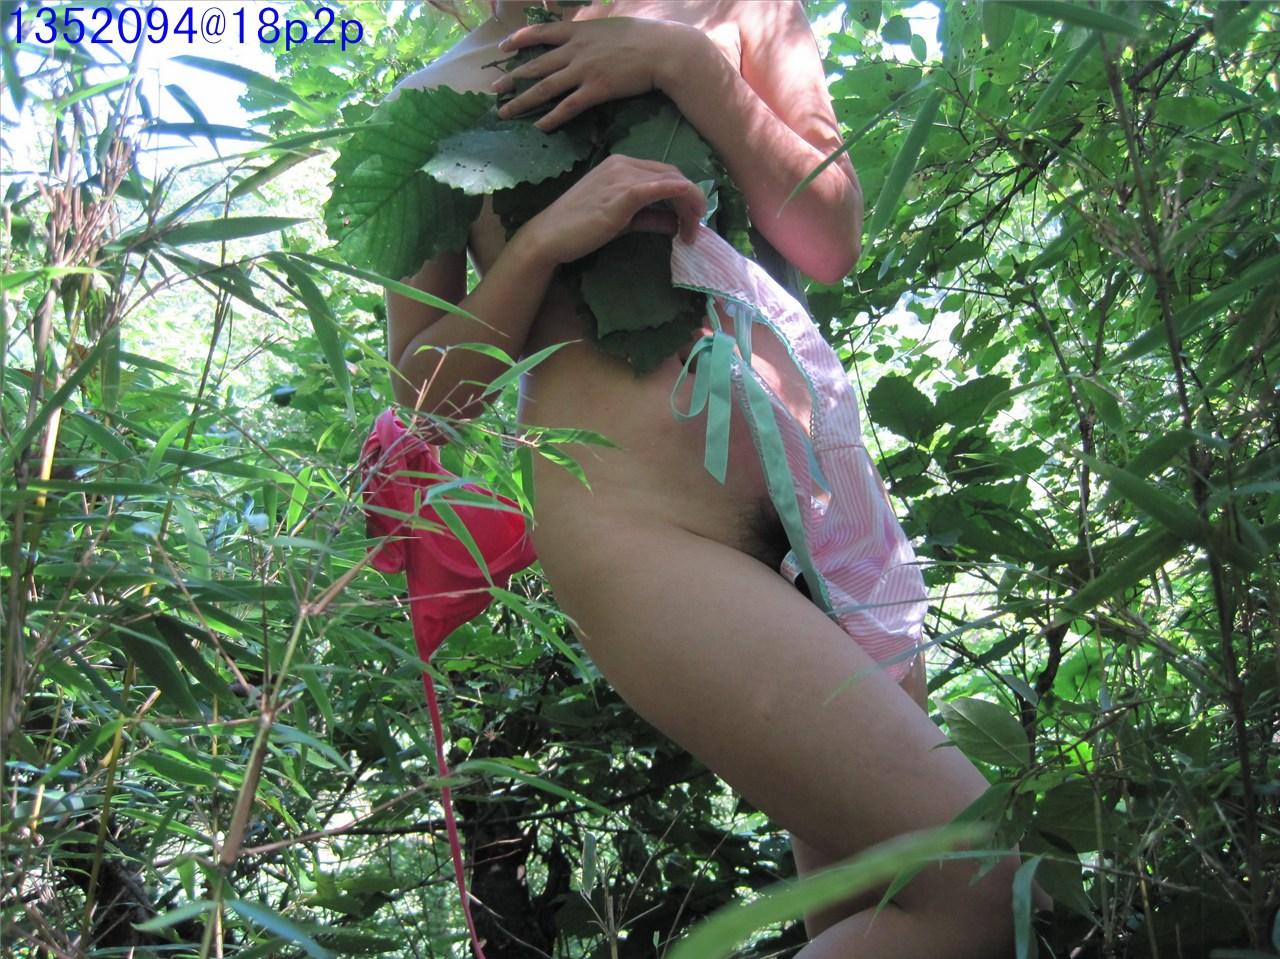 ★★出外踏青是一定要把年輕老婆的肉體拍下的啦!★★